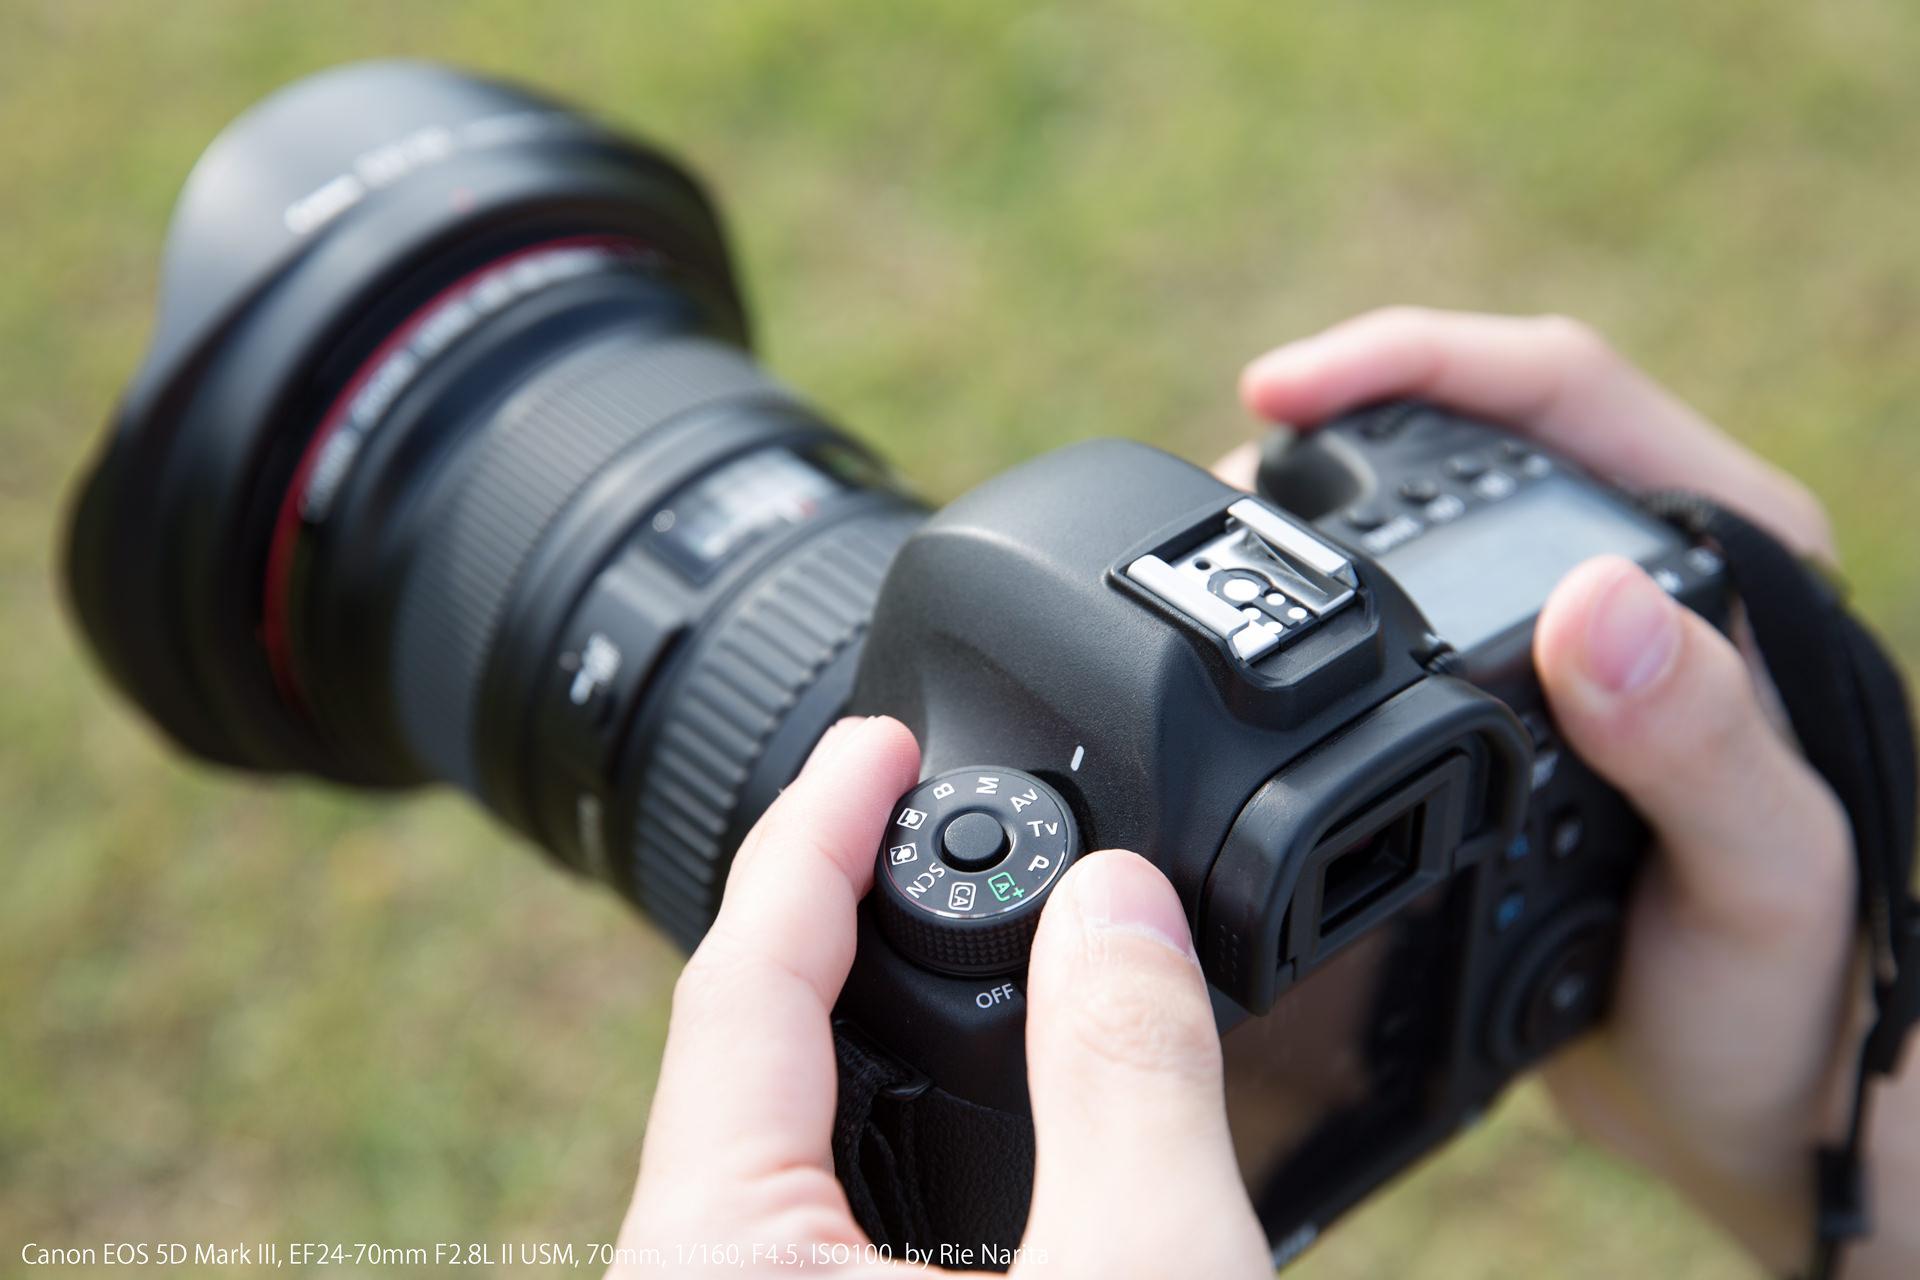 撮影モードを「絞り優先モード(Av/A)」に設定した一眼レフカメラ